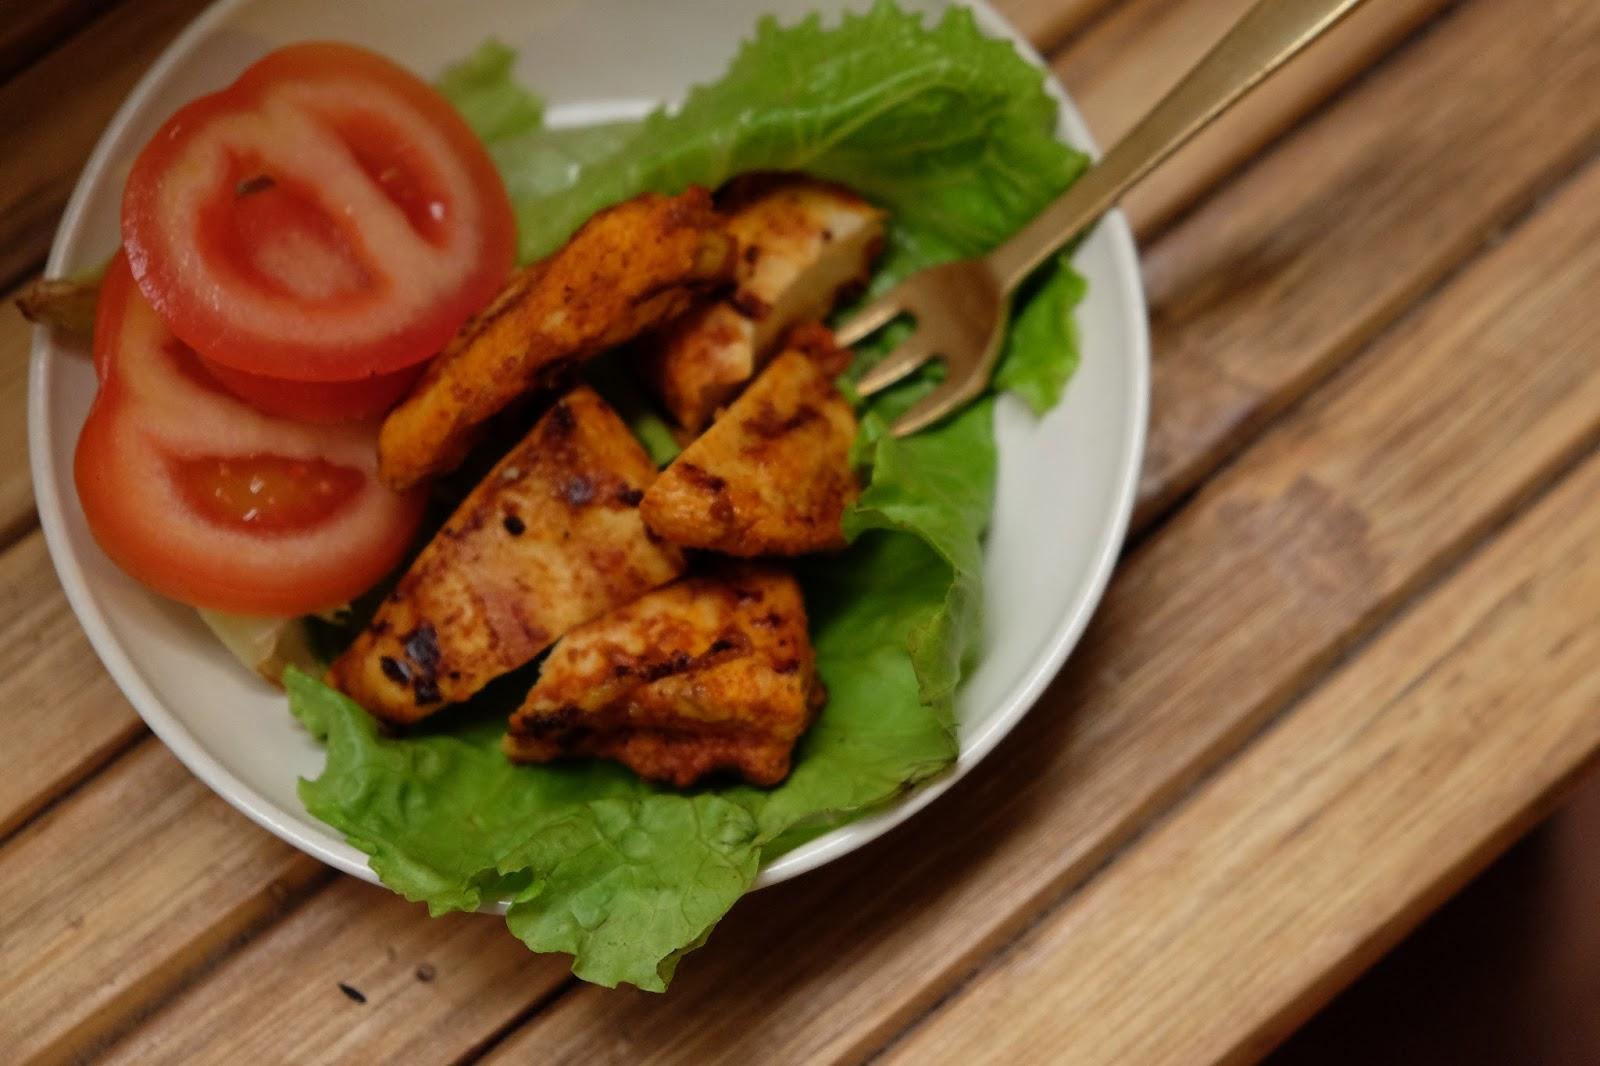 胭脂檸檬鹽香料烤雞 (附食譜)